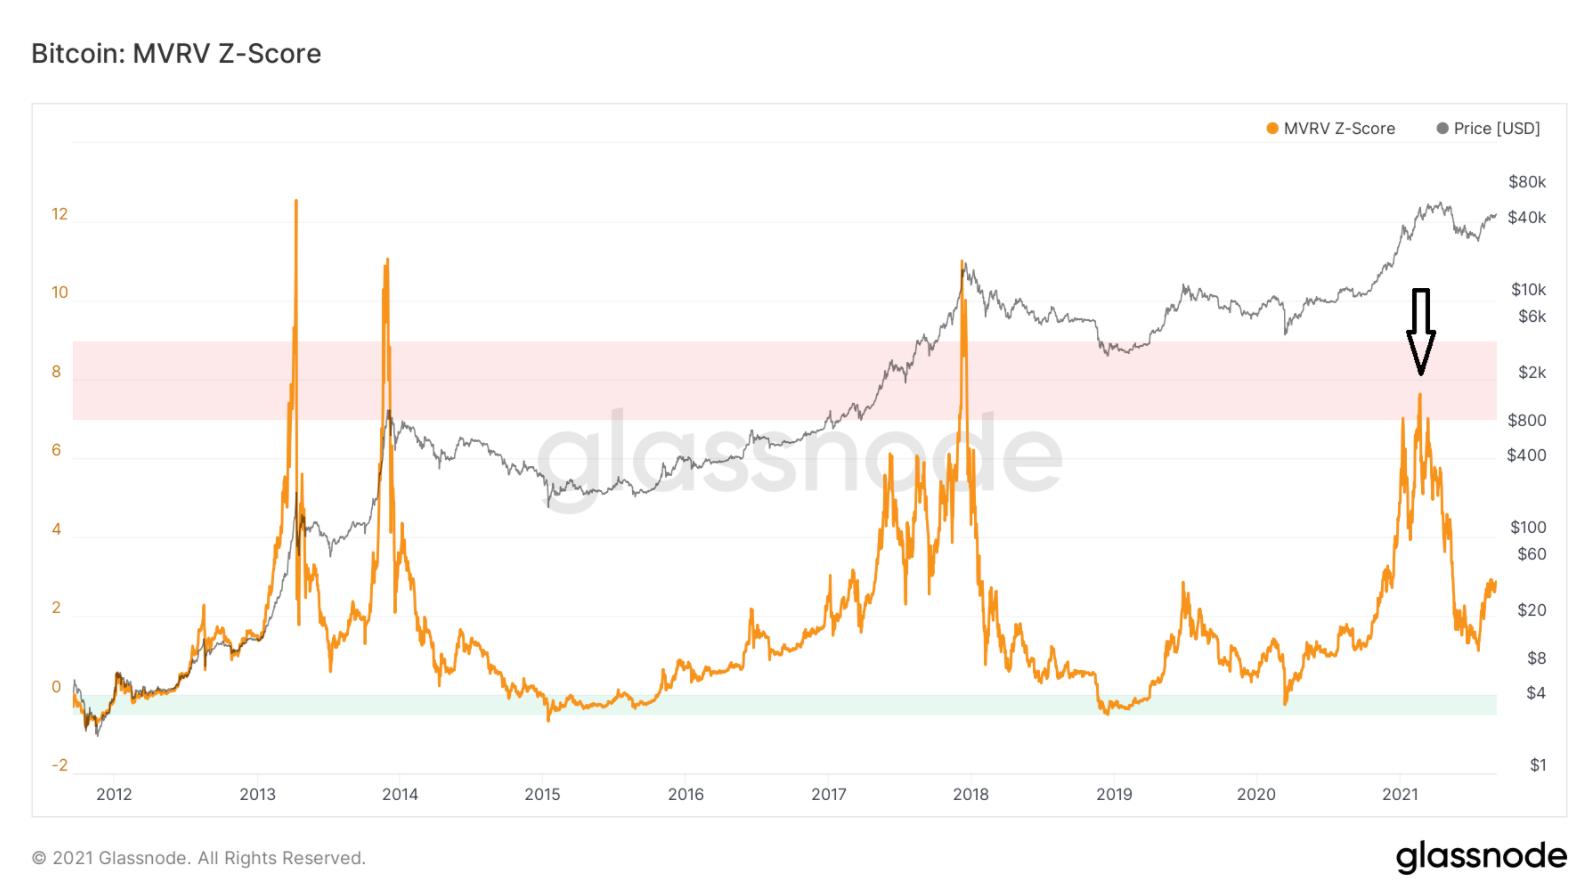 Bitcoin vẫn chưa đạt đỉnh - Chỉ báo MVRV Z-Core